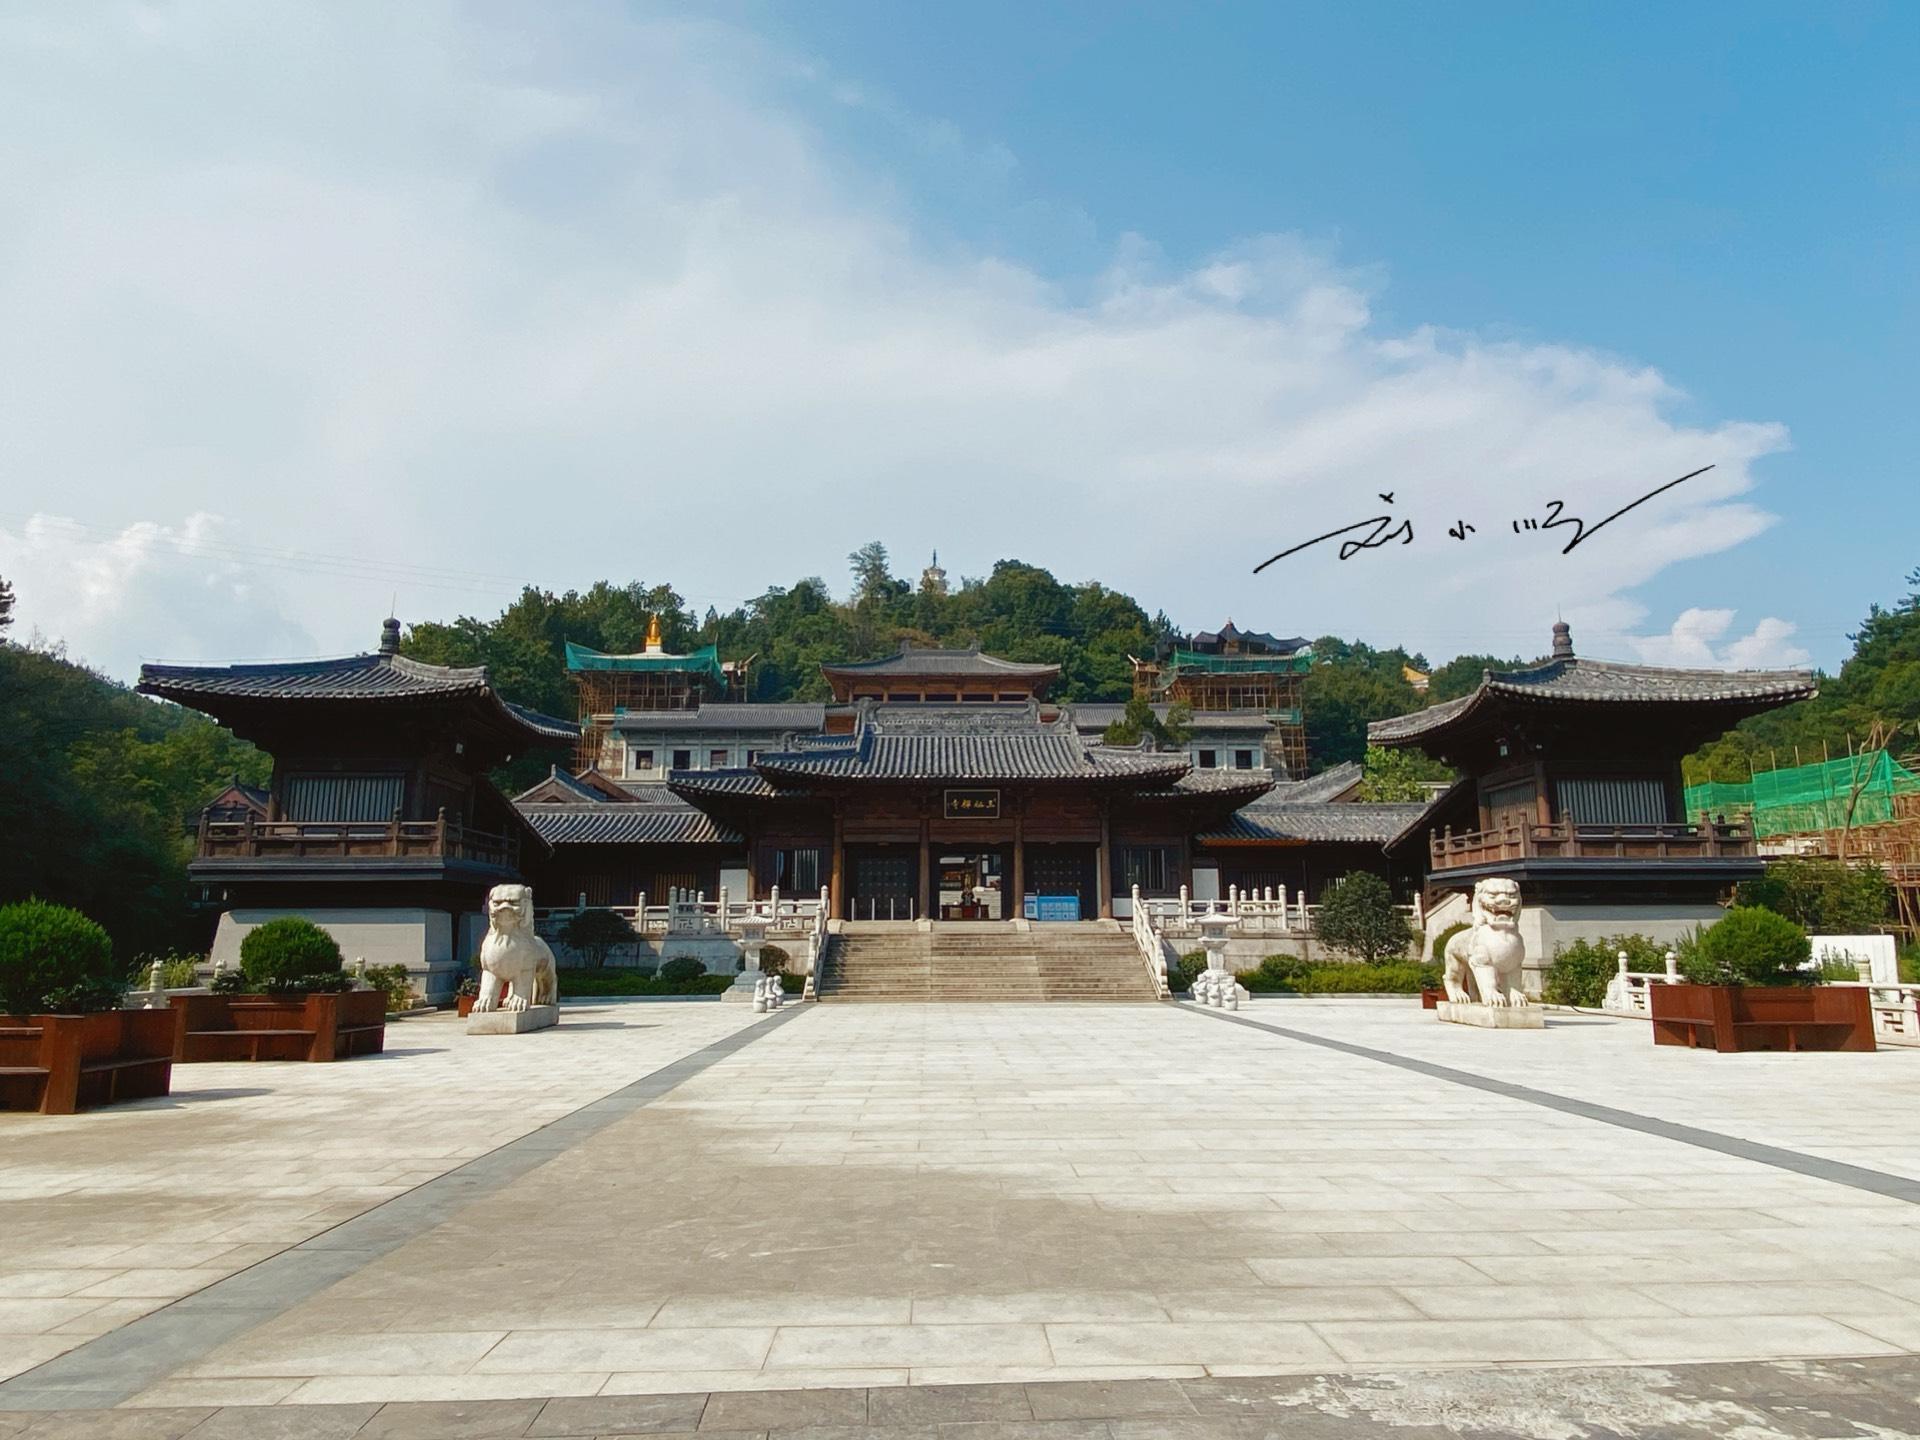 安徽天柱山下有座低调的寺庙,作为禅宗六大祖庭之一,游客却不多